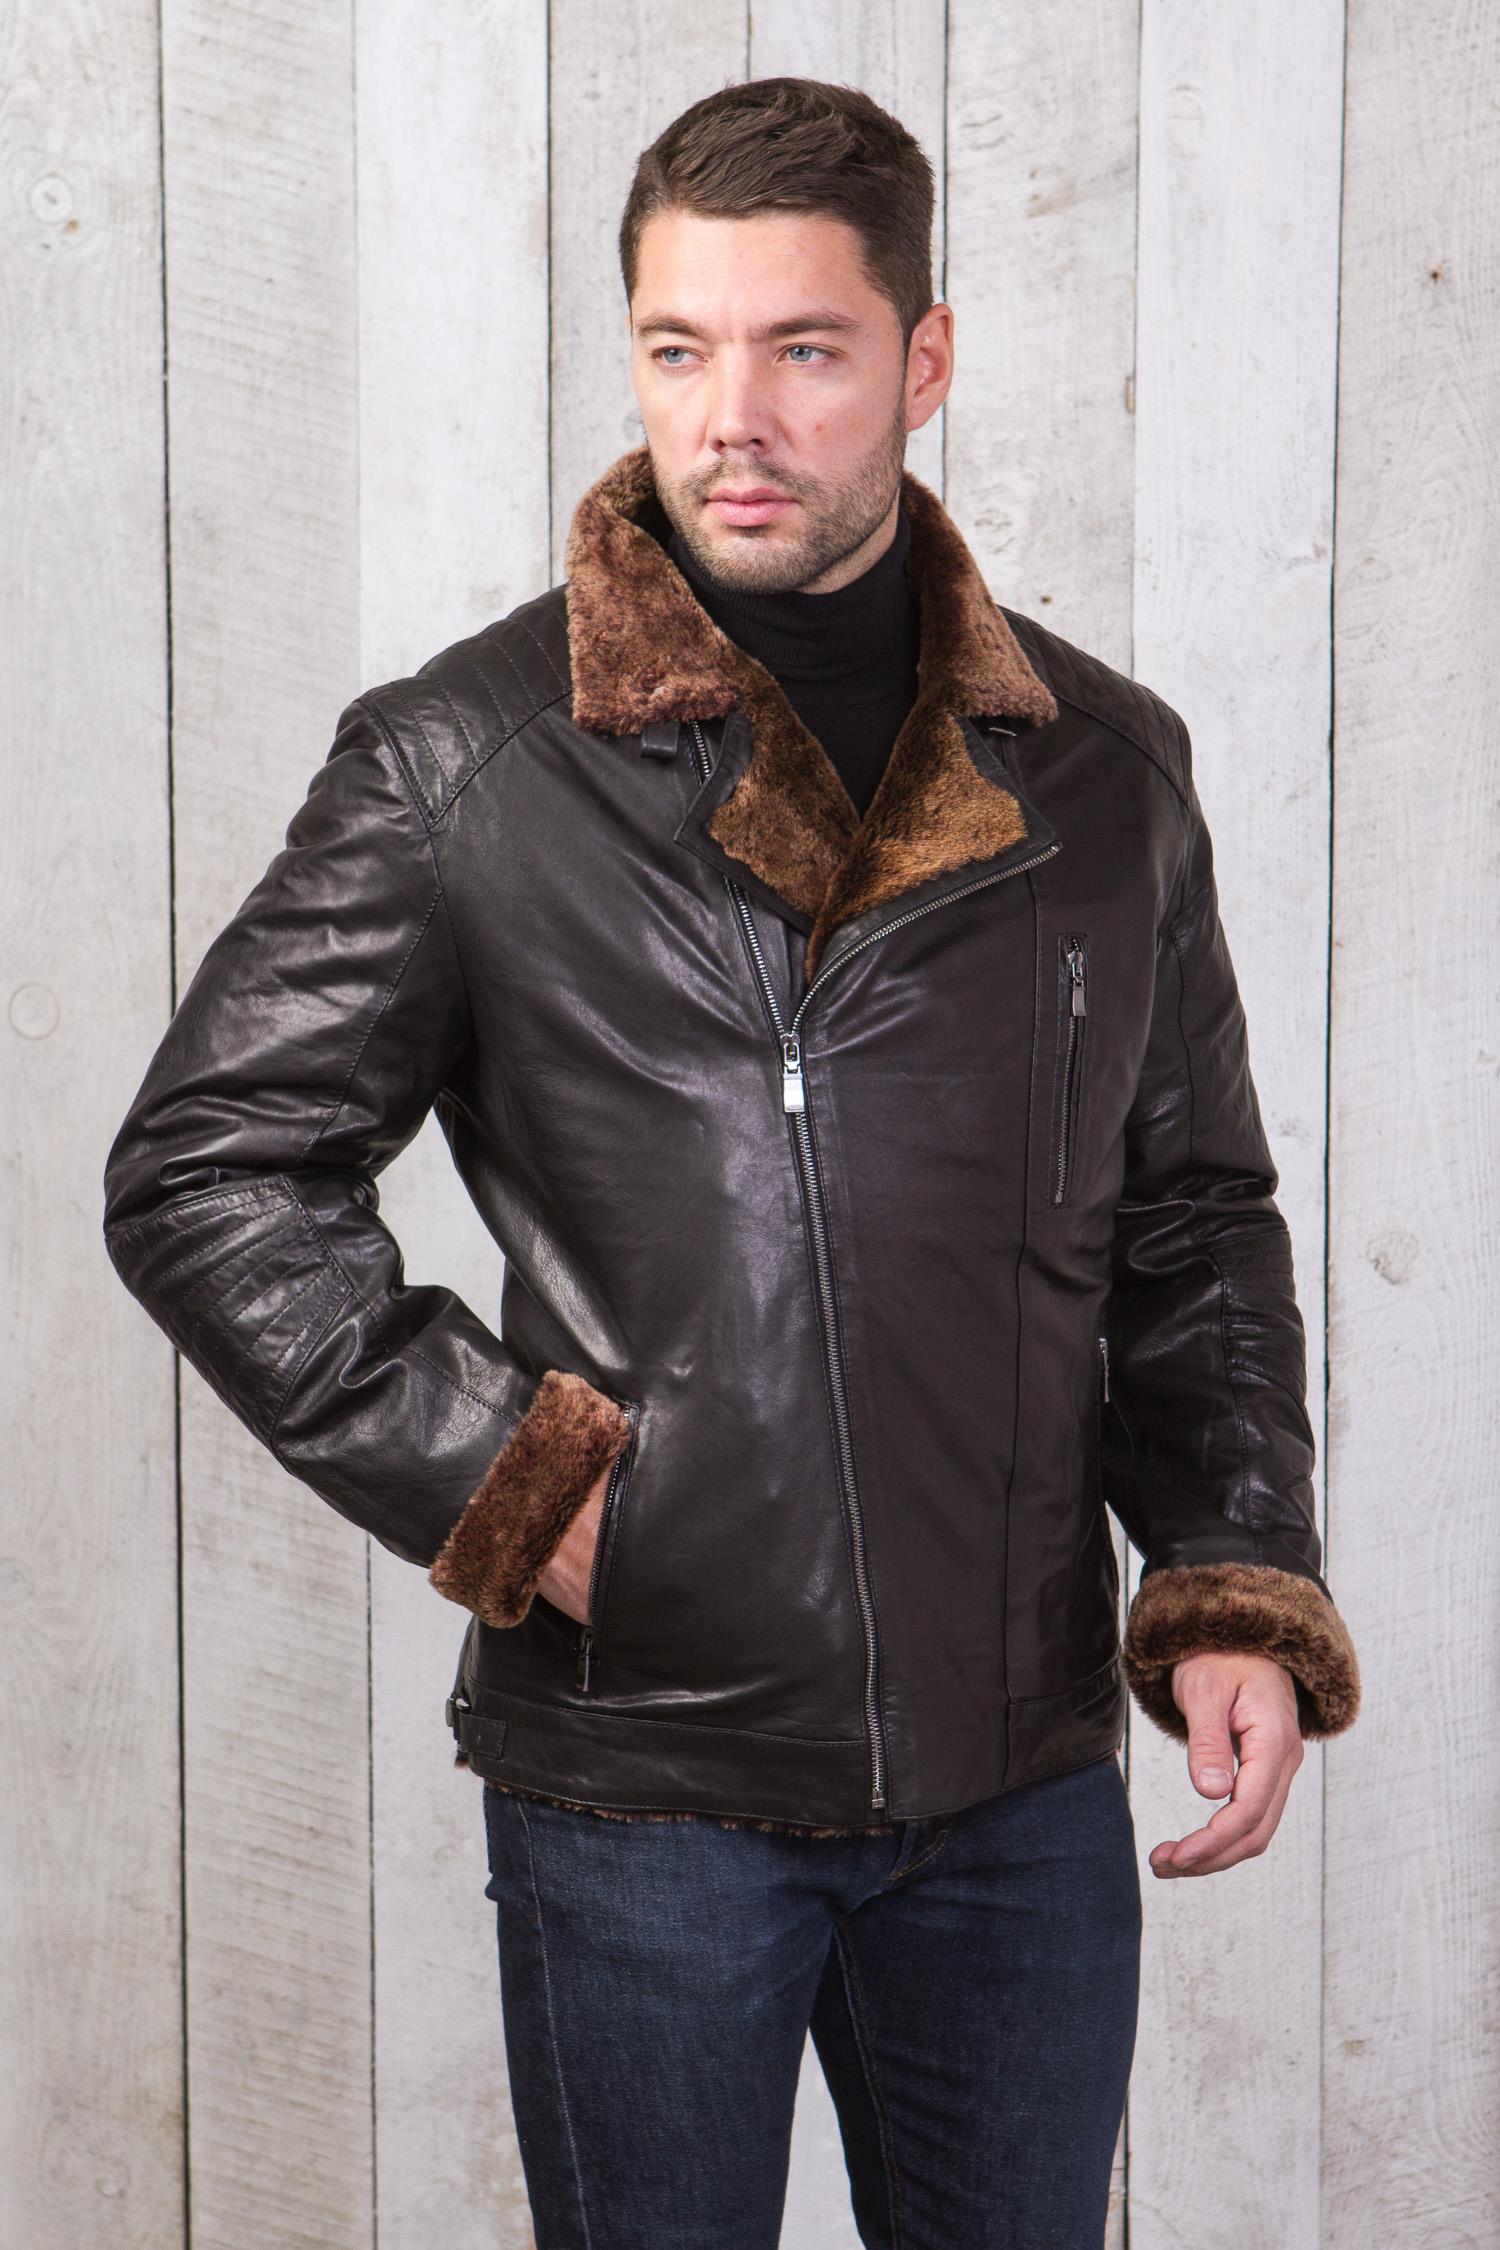 Купить со скидкой Мужская кожаная куртка из натуральной овчины на меху с воротником, без отделки